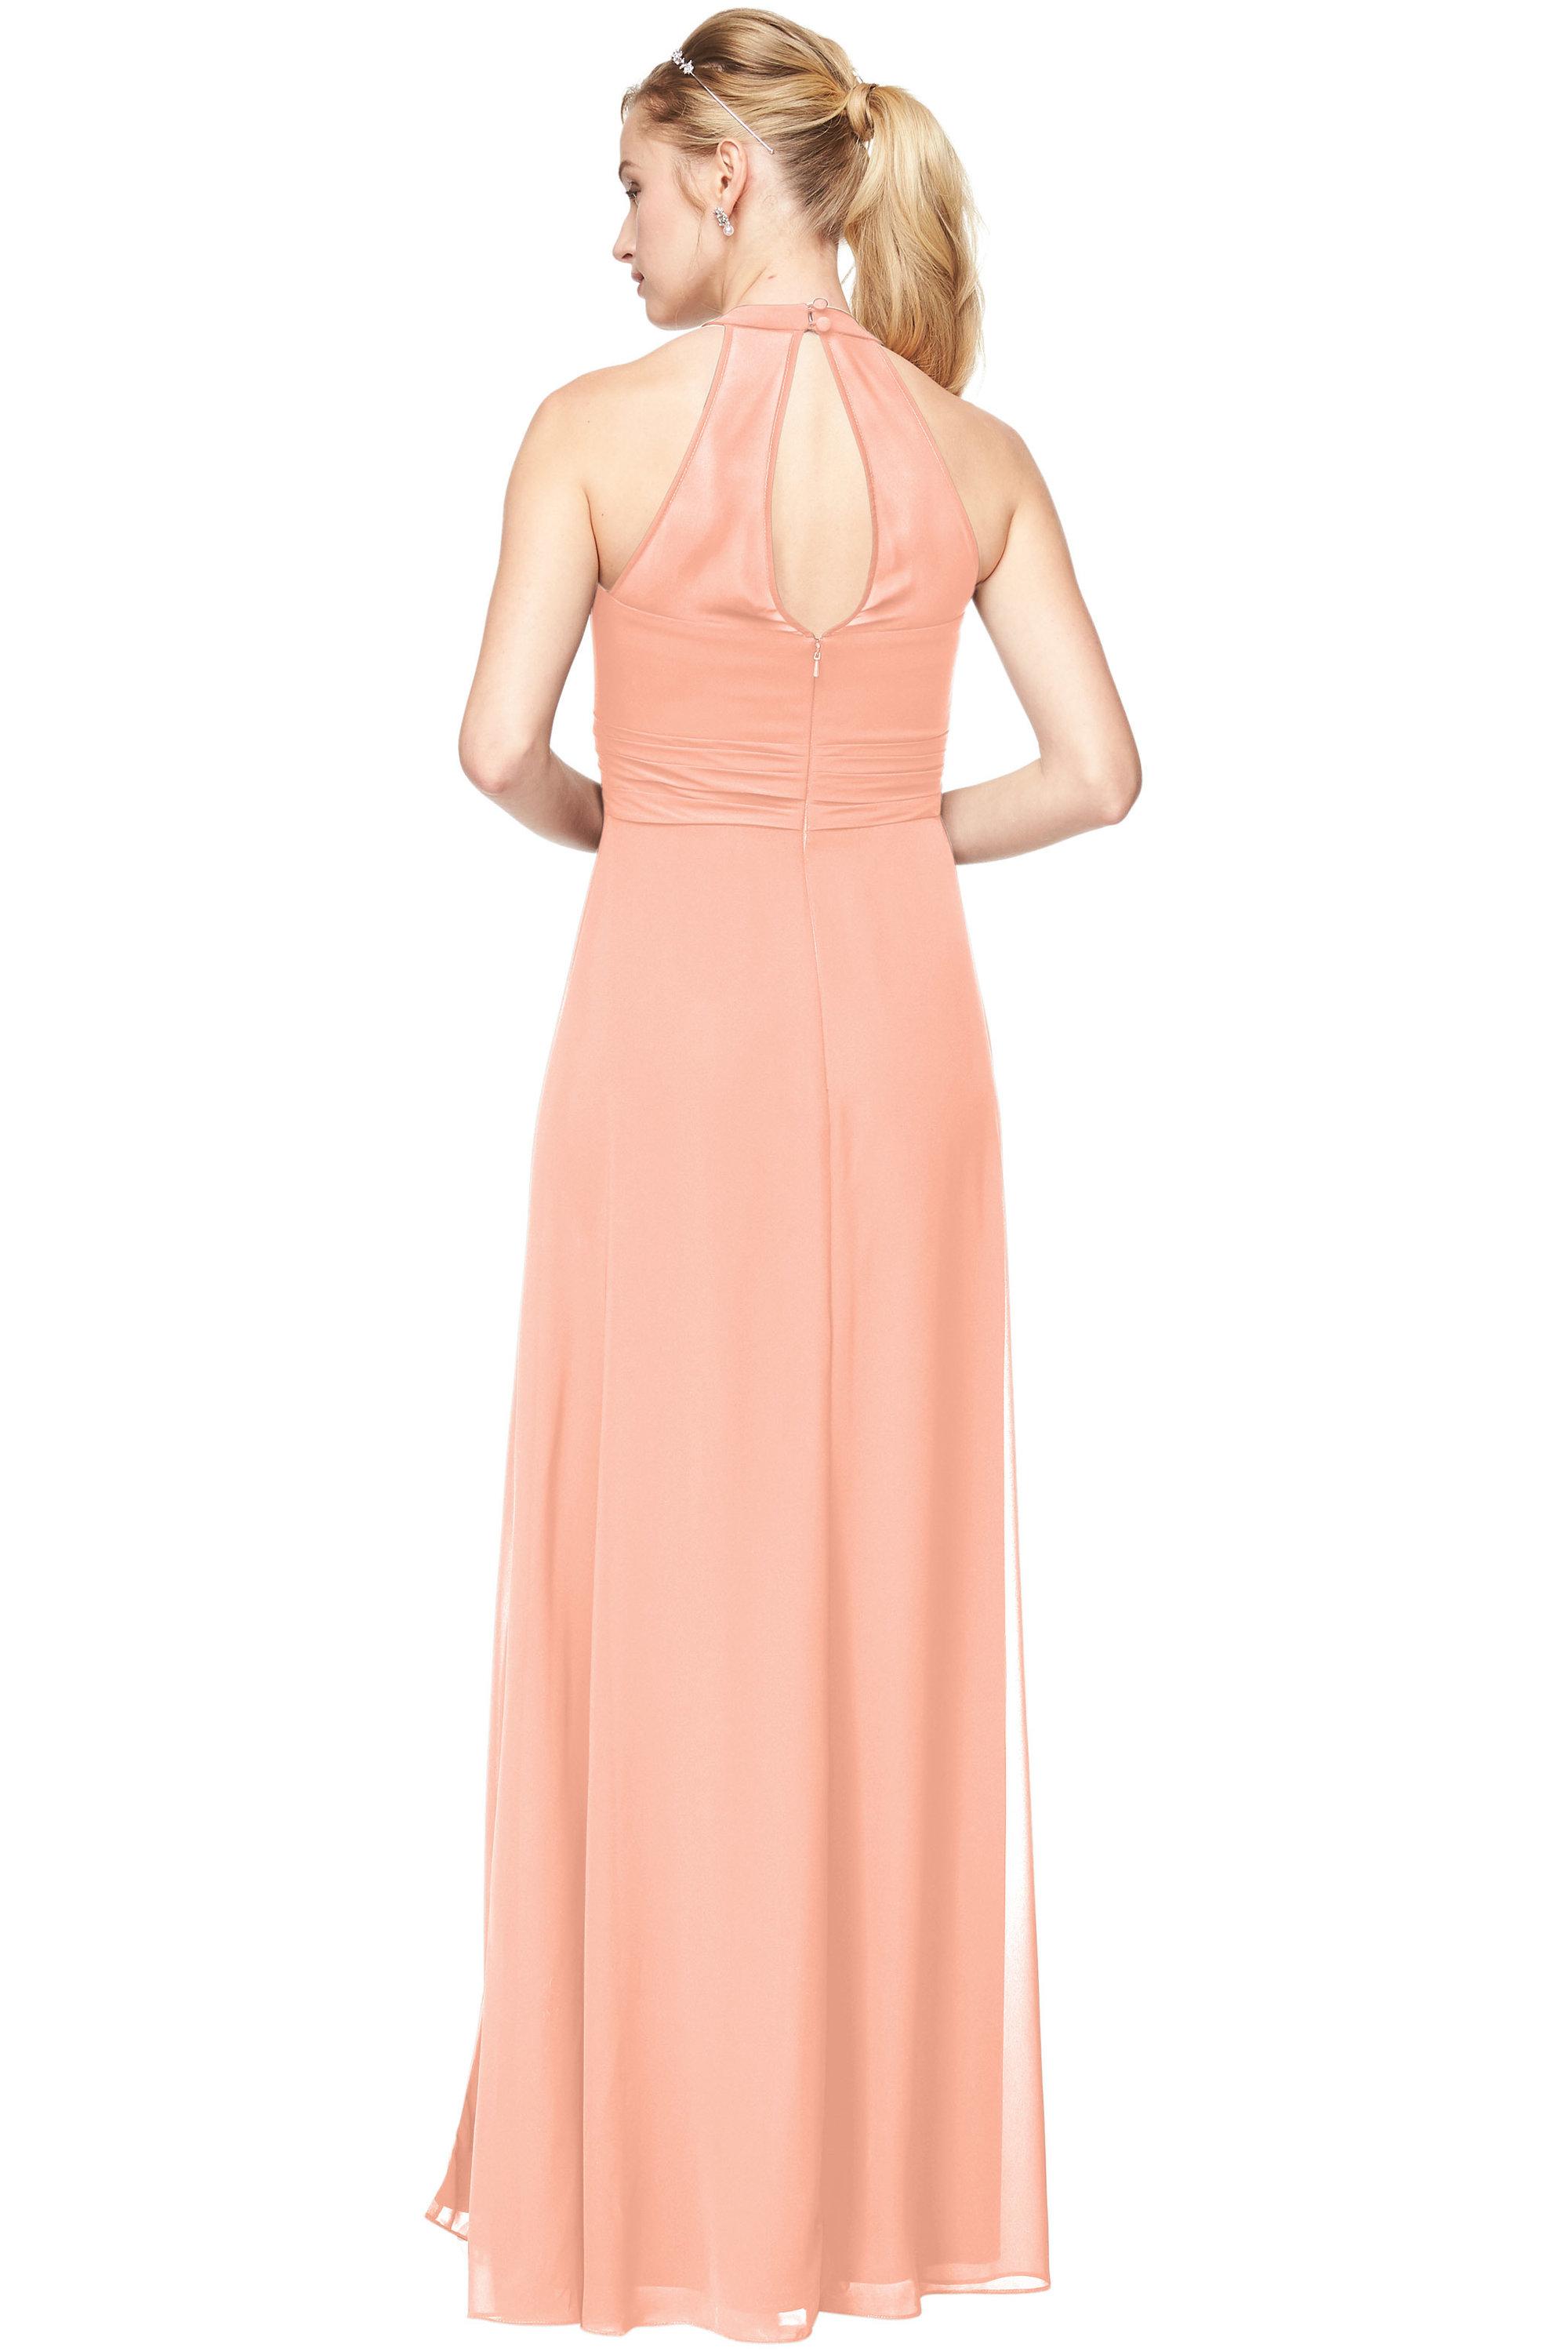 Bill Levkoff PEACH Chiffon V-Neck A-Line gown, $198.00 Back